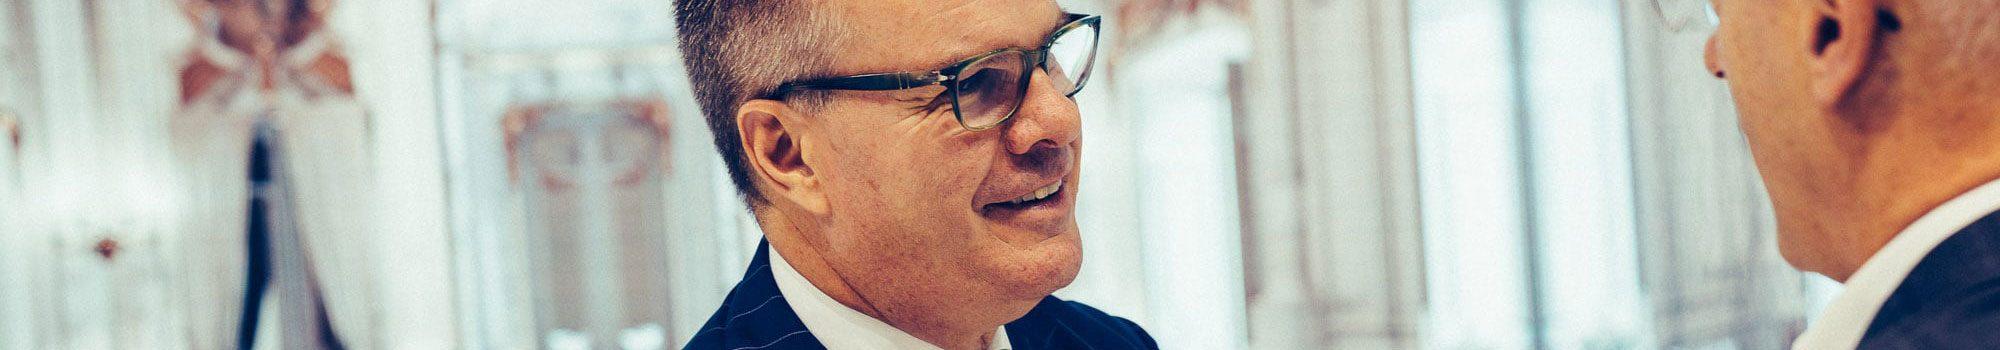 CEO-2000